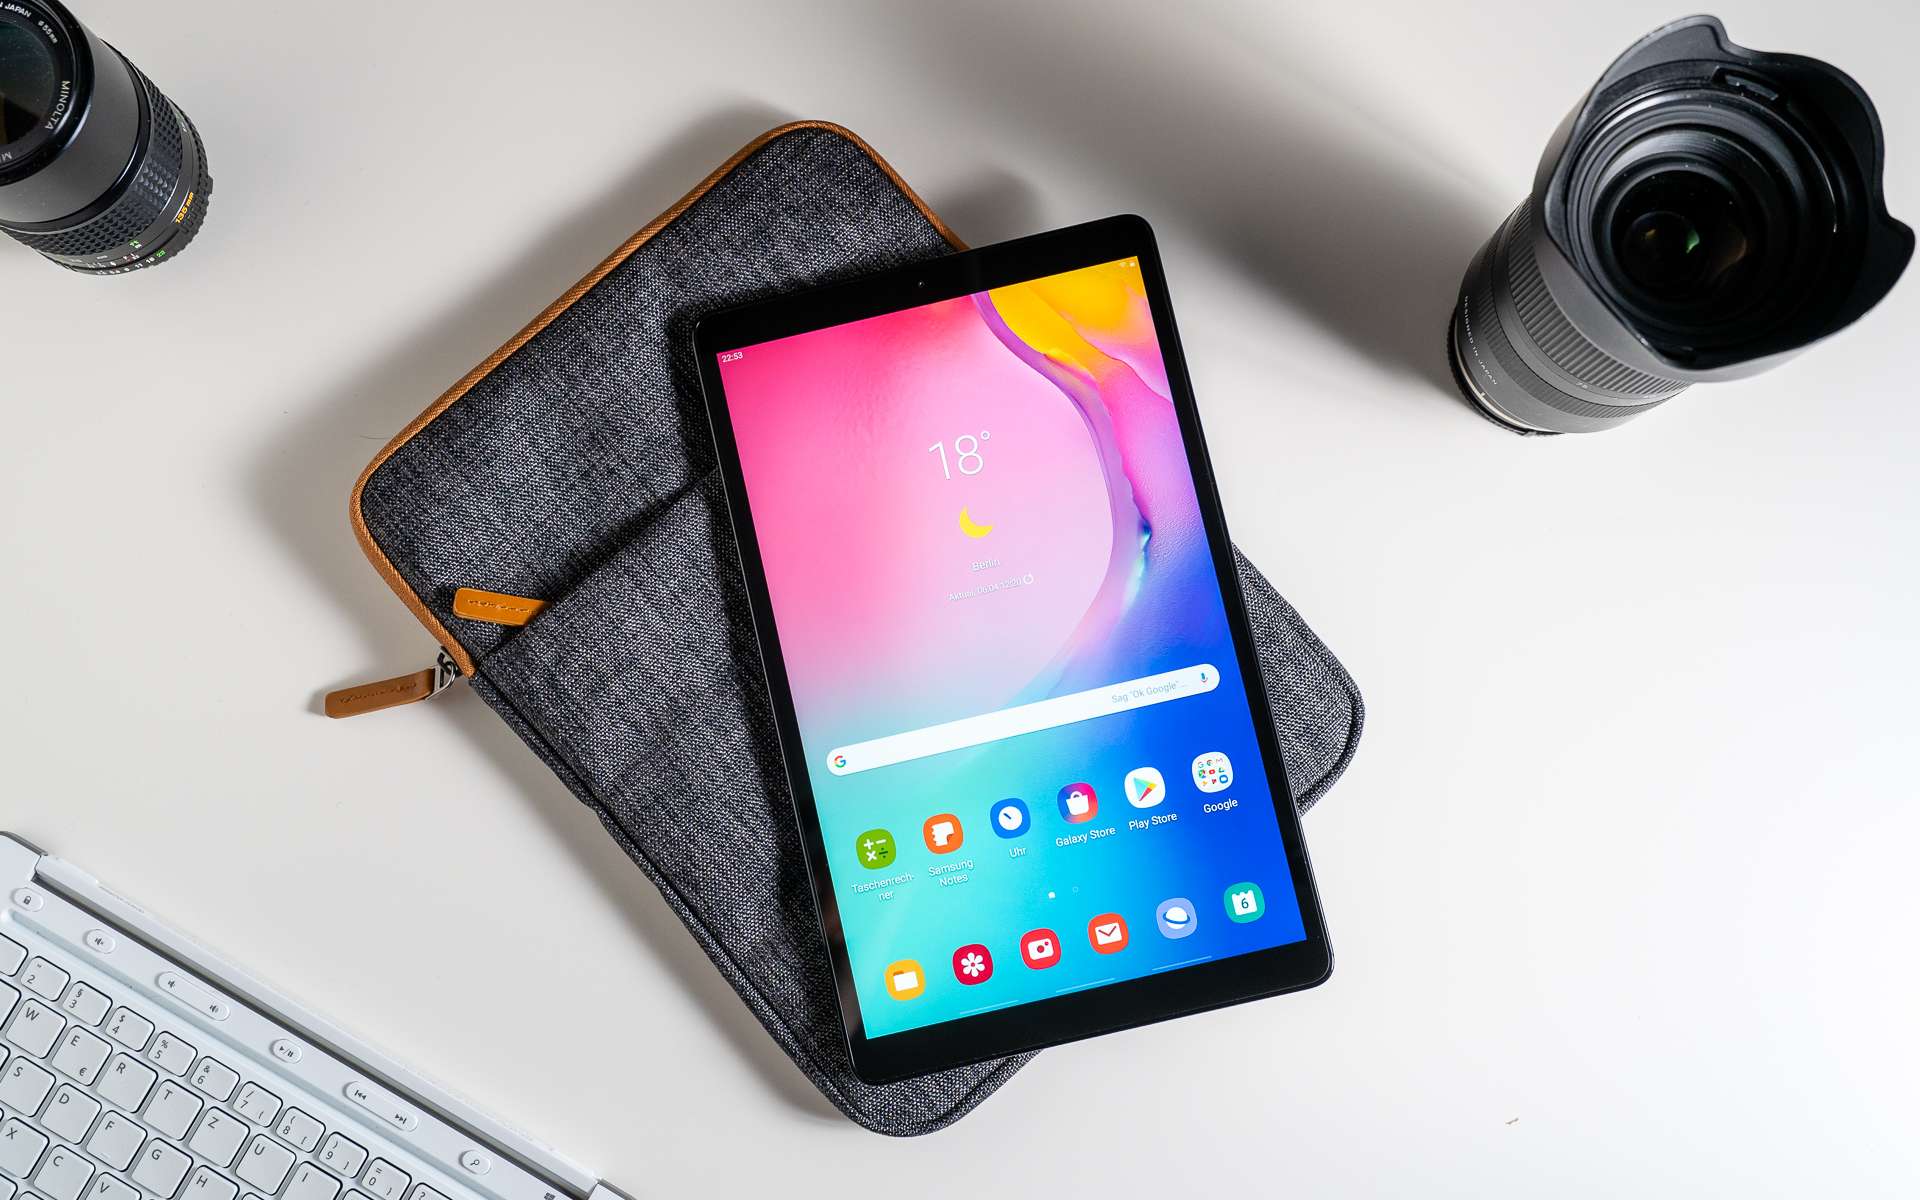 Samsung Galaxy Tab A 10.1 2019, 32GB rom, 2GB ram,